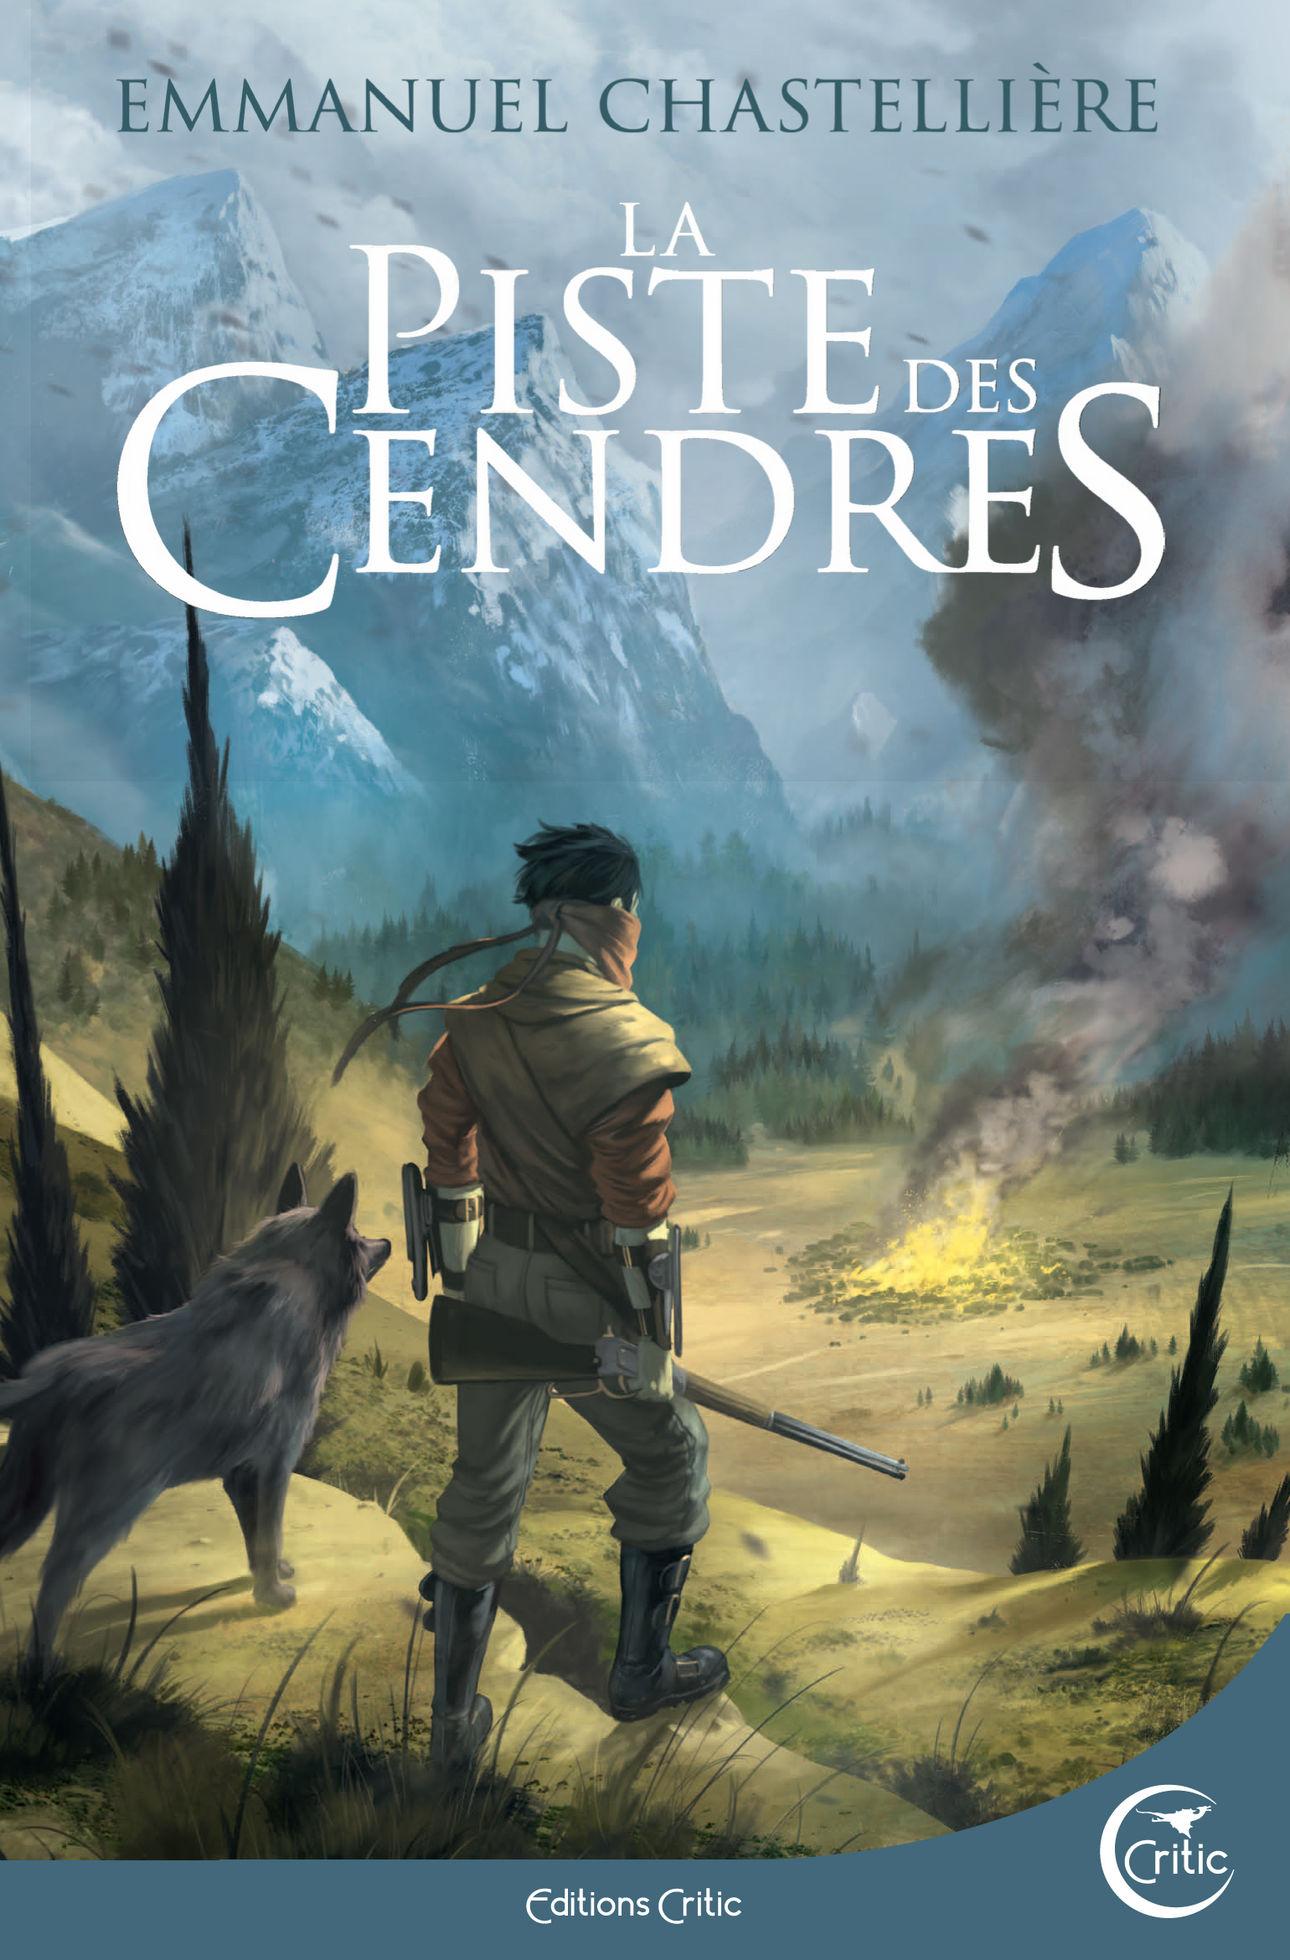 La Piste des Cendres - Le nouveau roman d'Emmanuel Chastellière